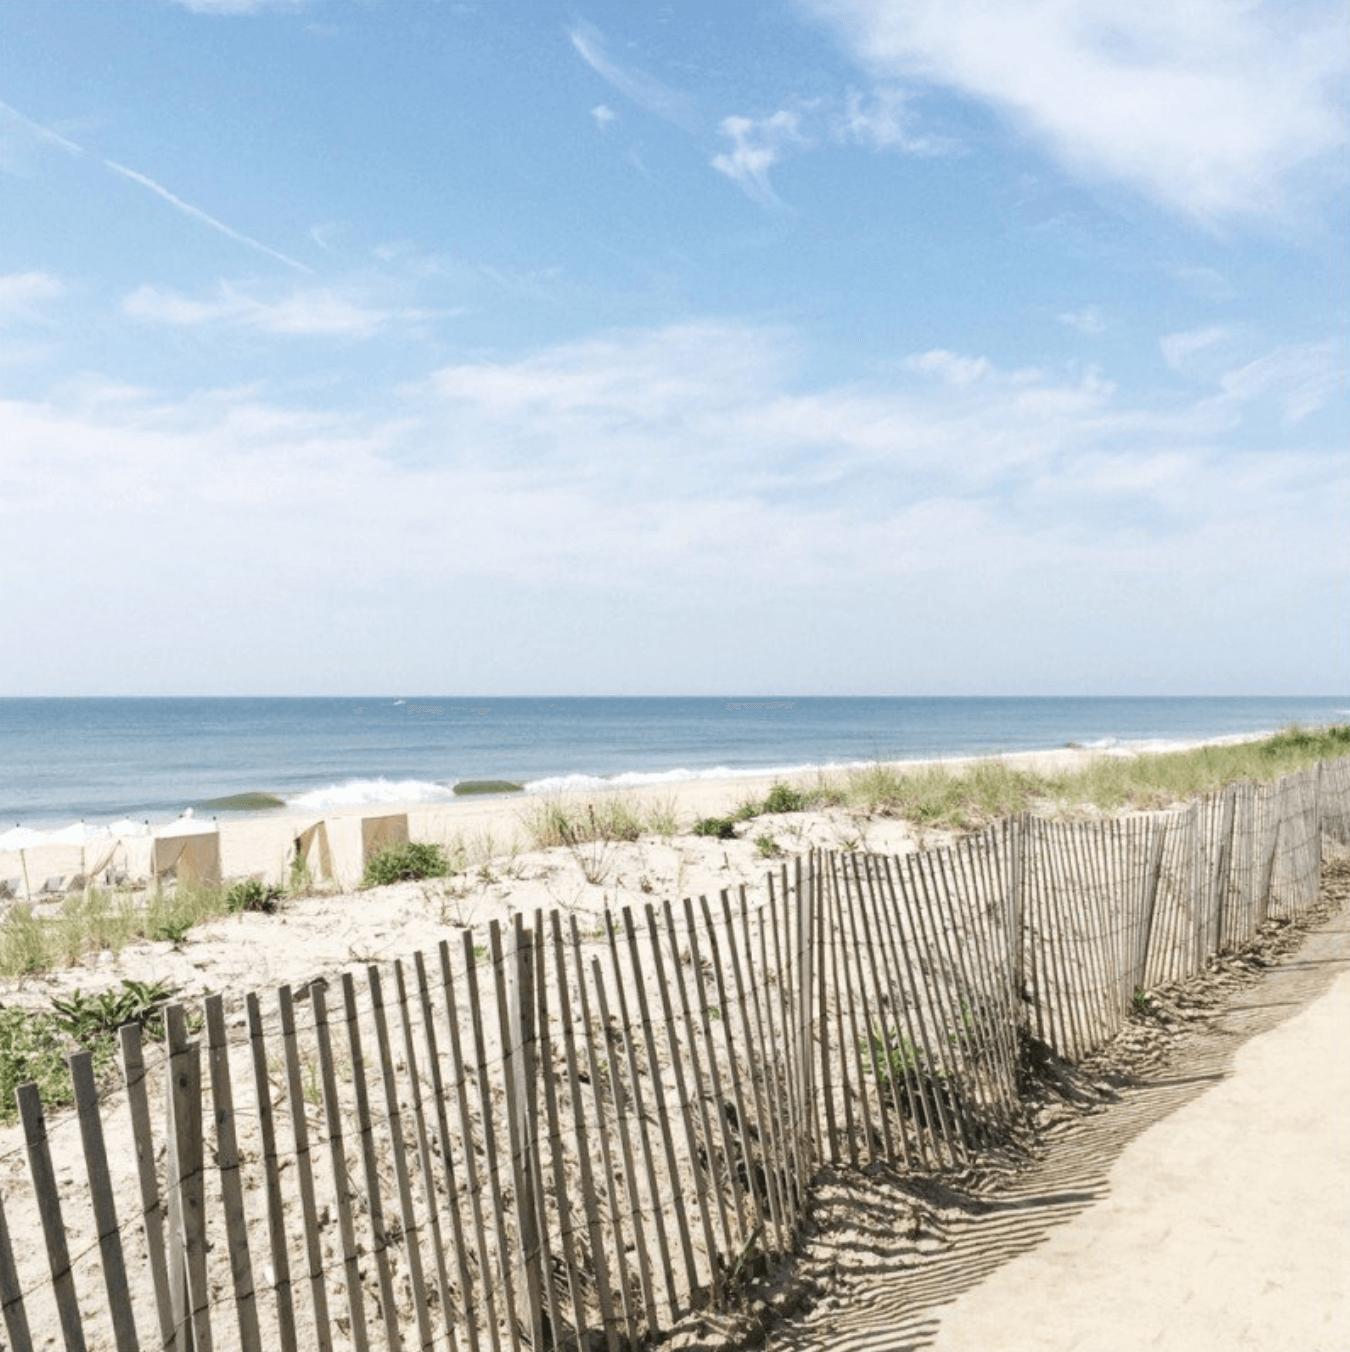 Escursione negli Hamptons (1 giorno)